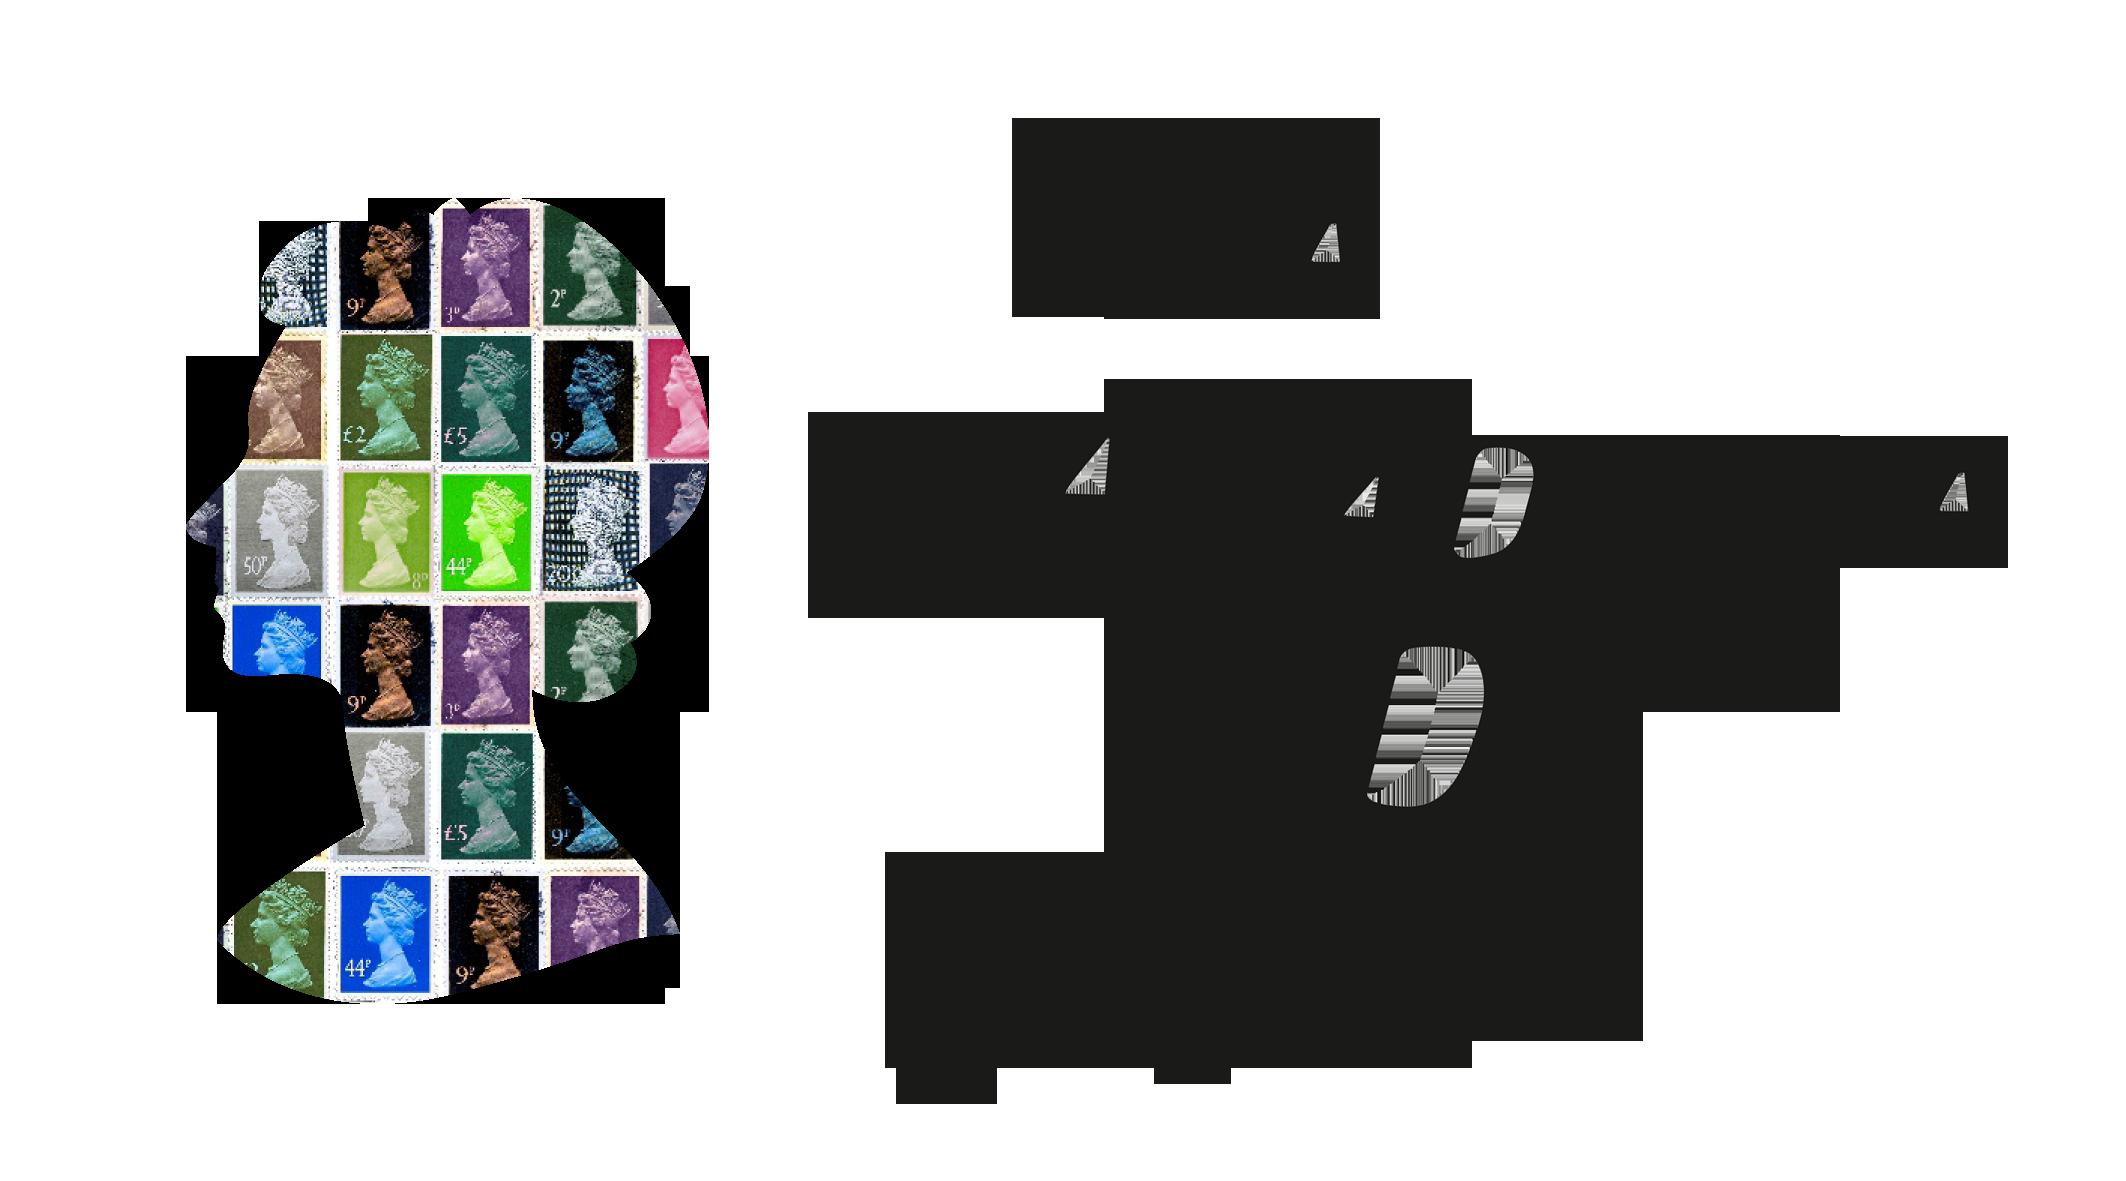 Academia de ingles 2 2